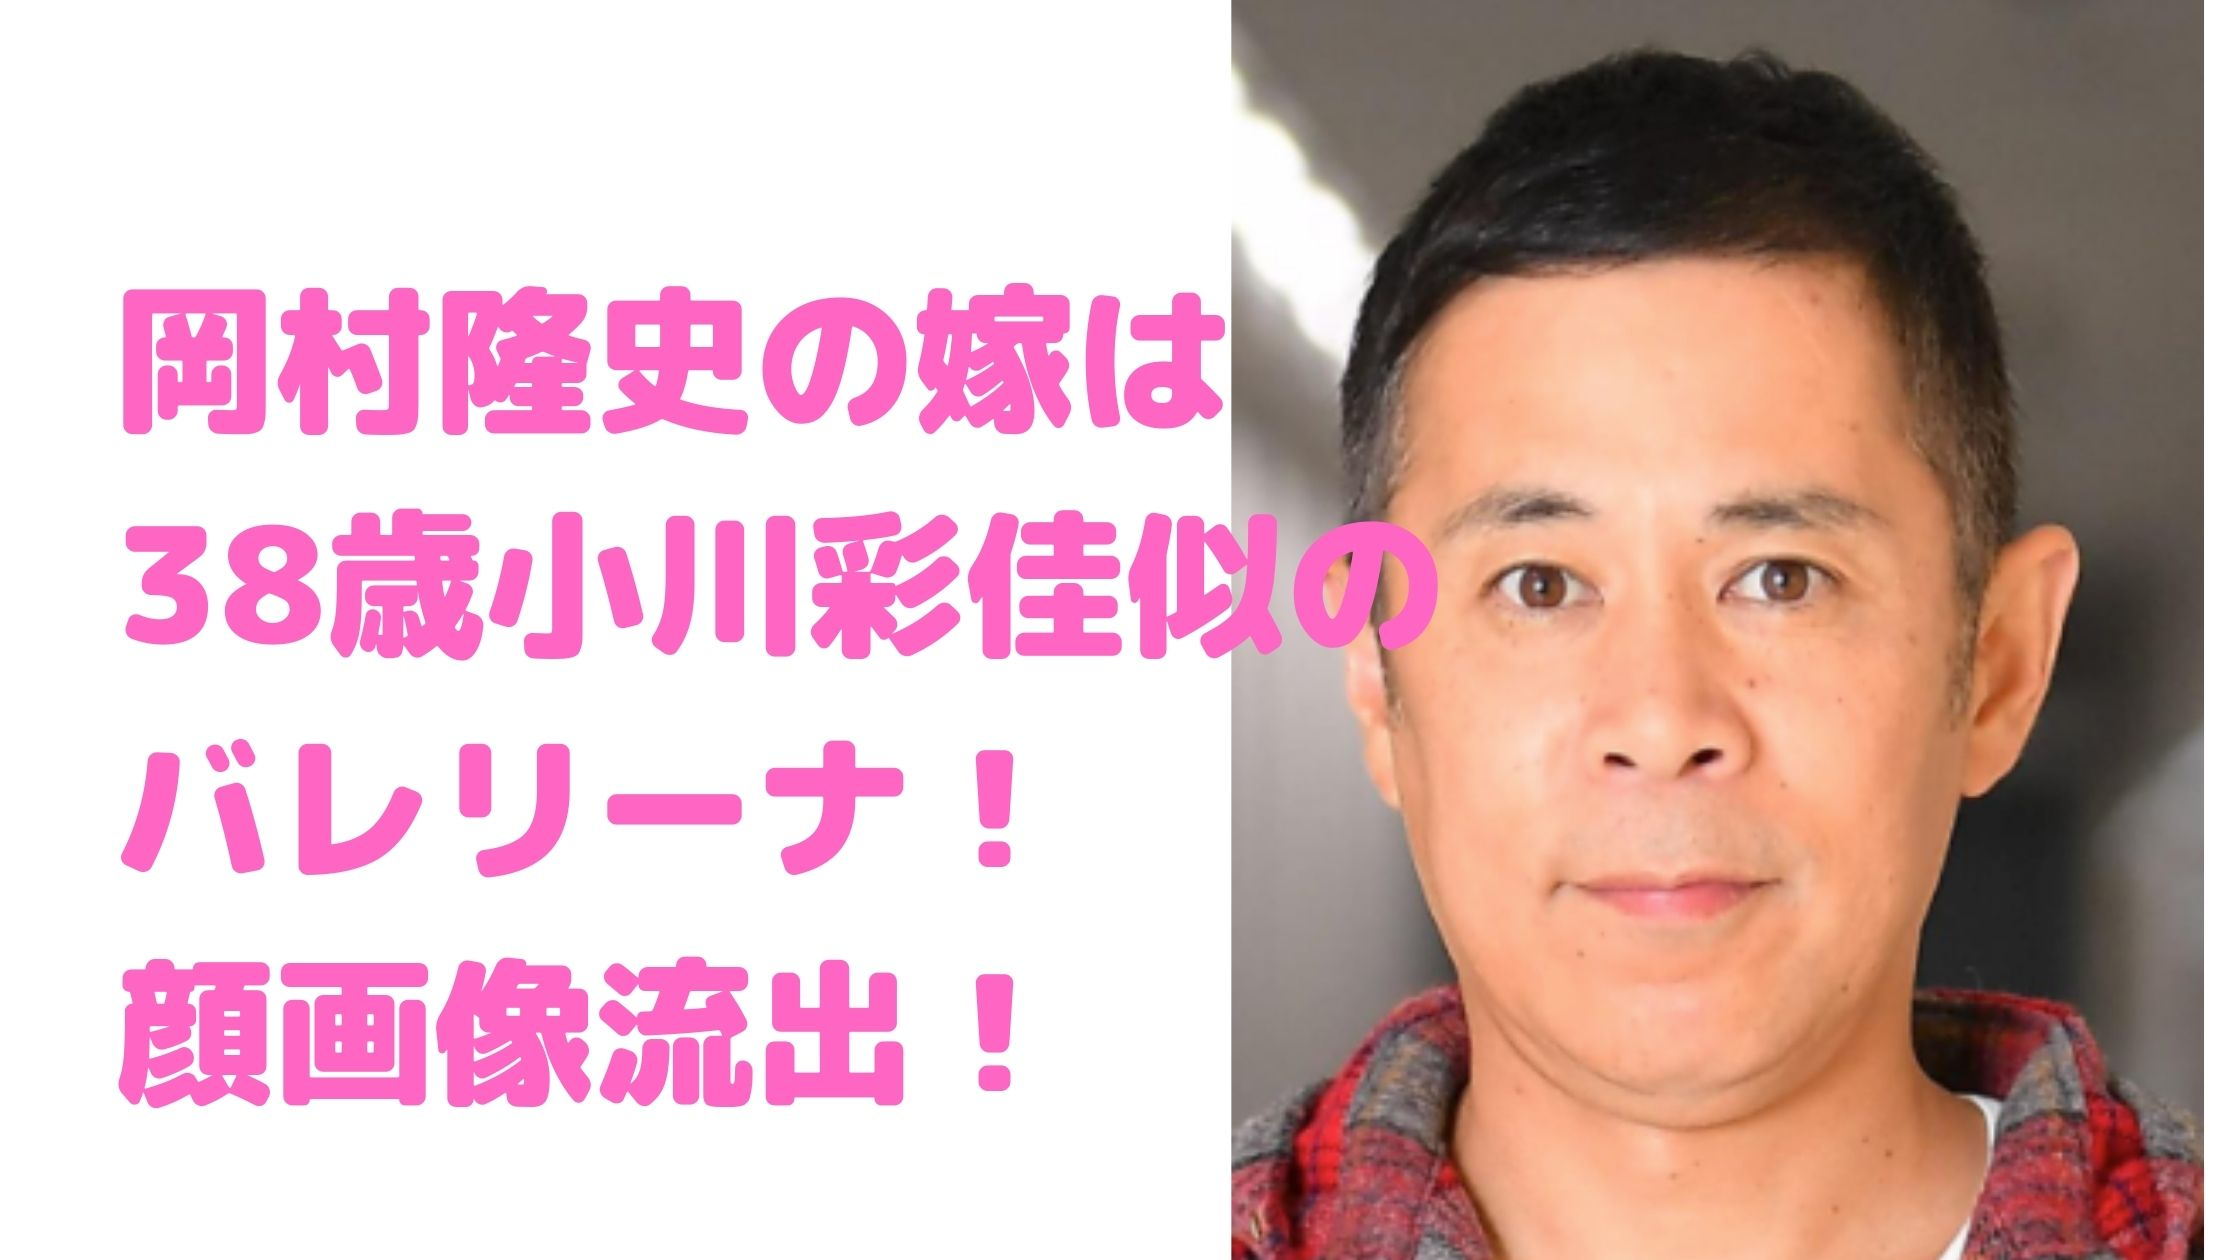 岡村隆史 嫁 バレリーナ 顔画像 馴れ初め 子供 結婚 小川彩佳似